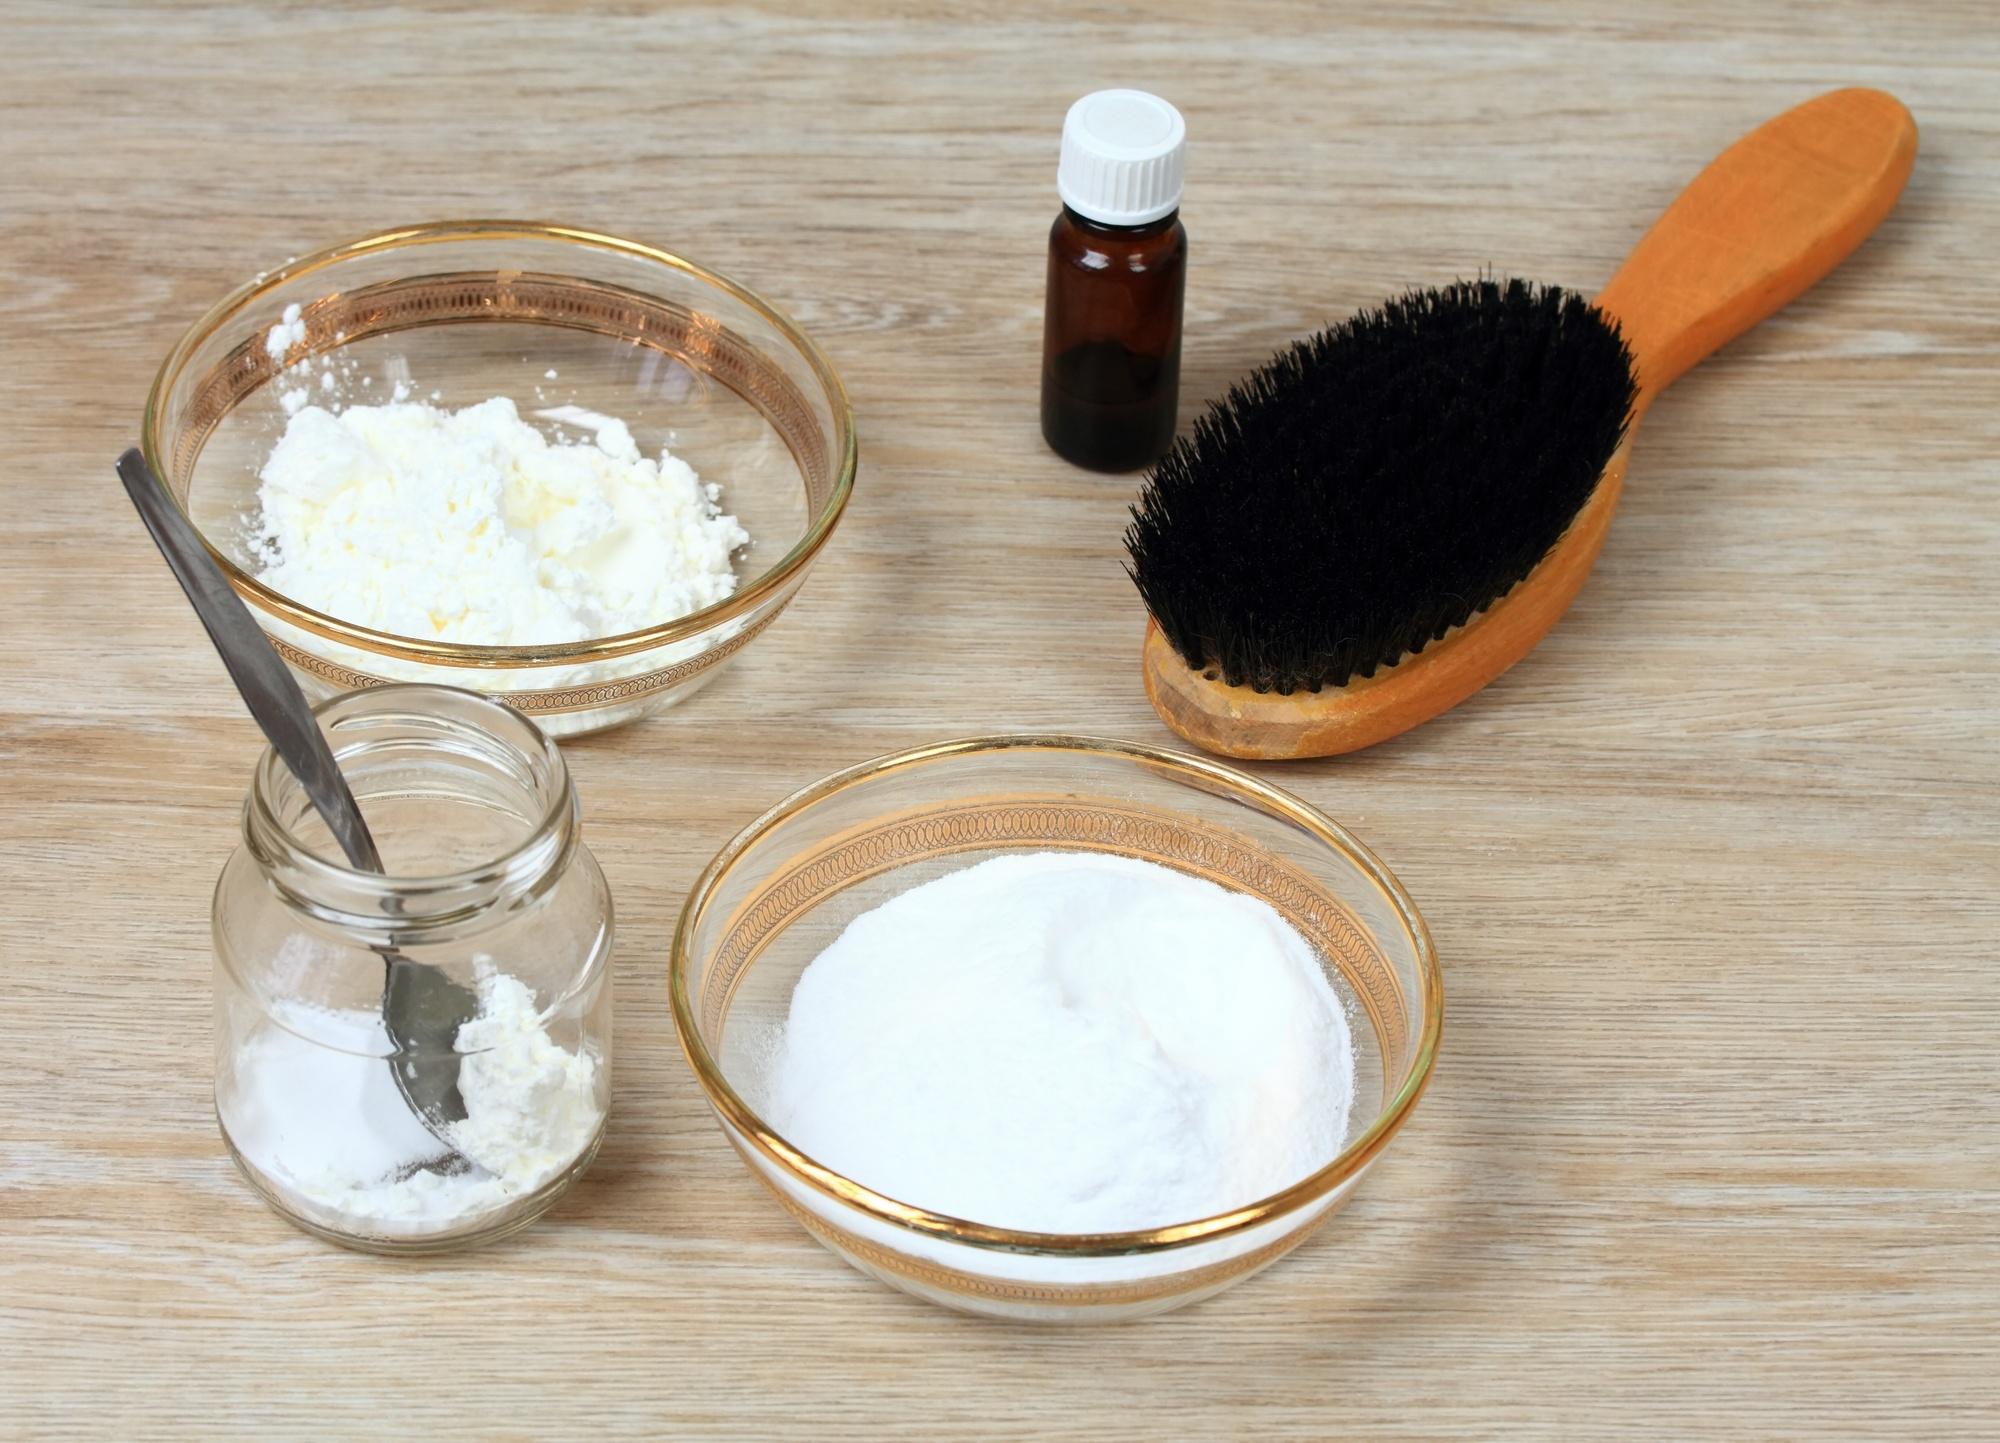 DIY hair treatment incrediants on table